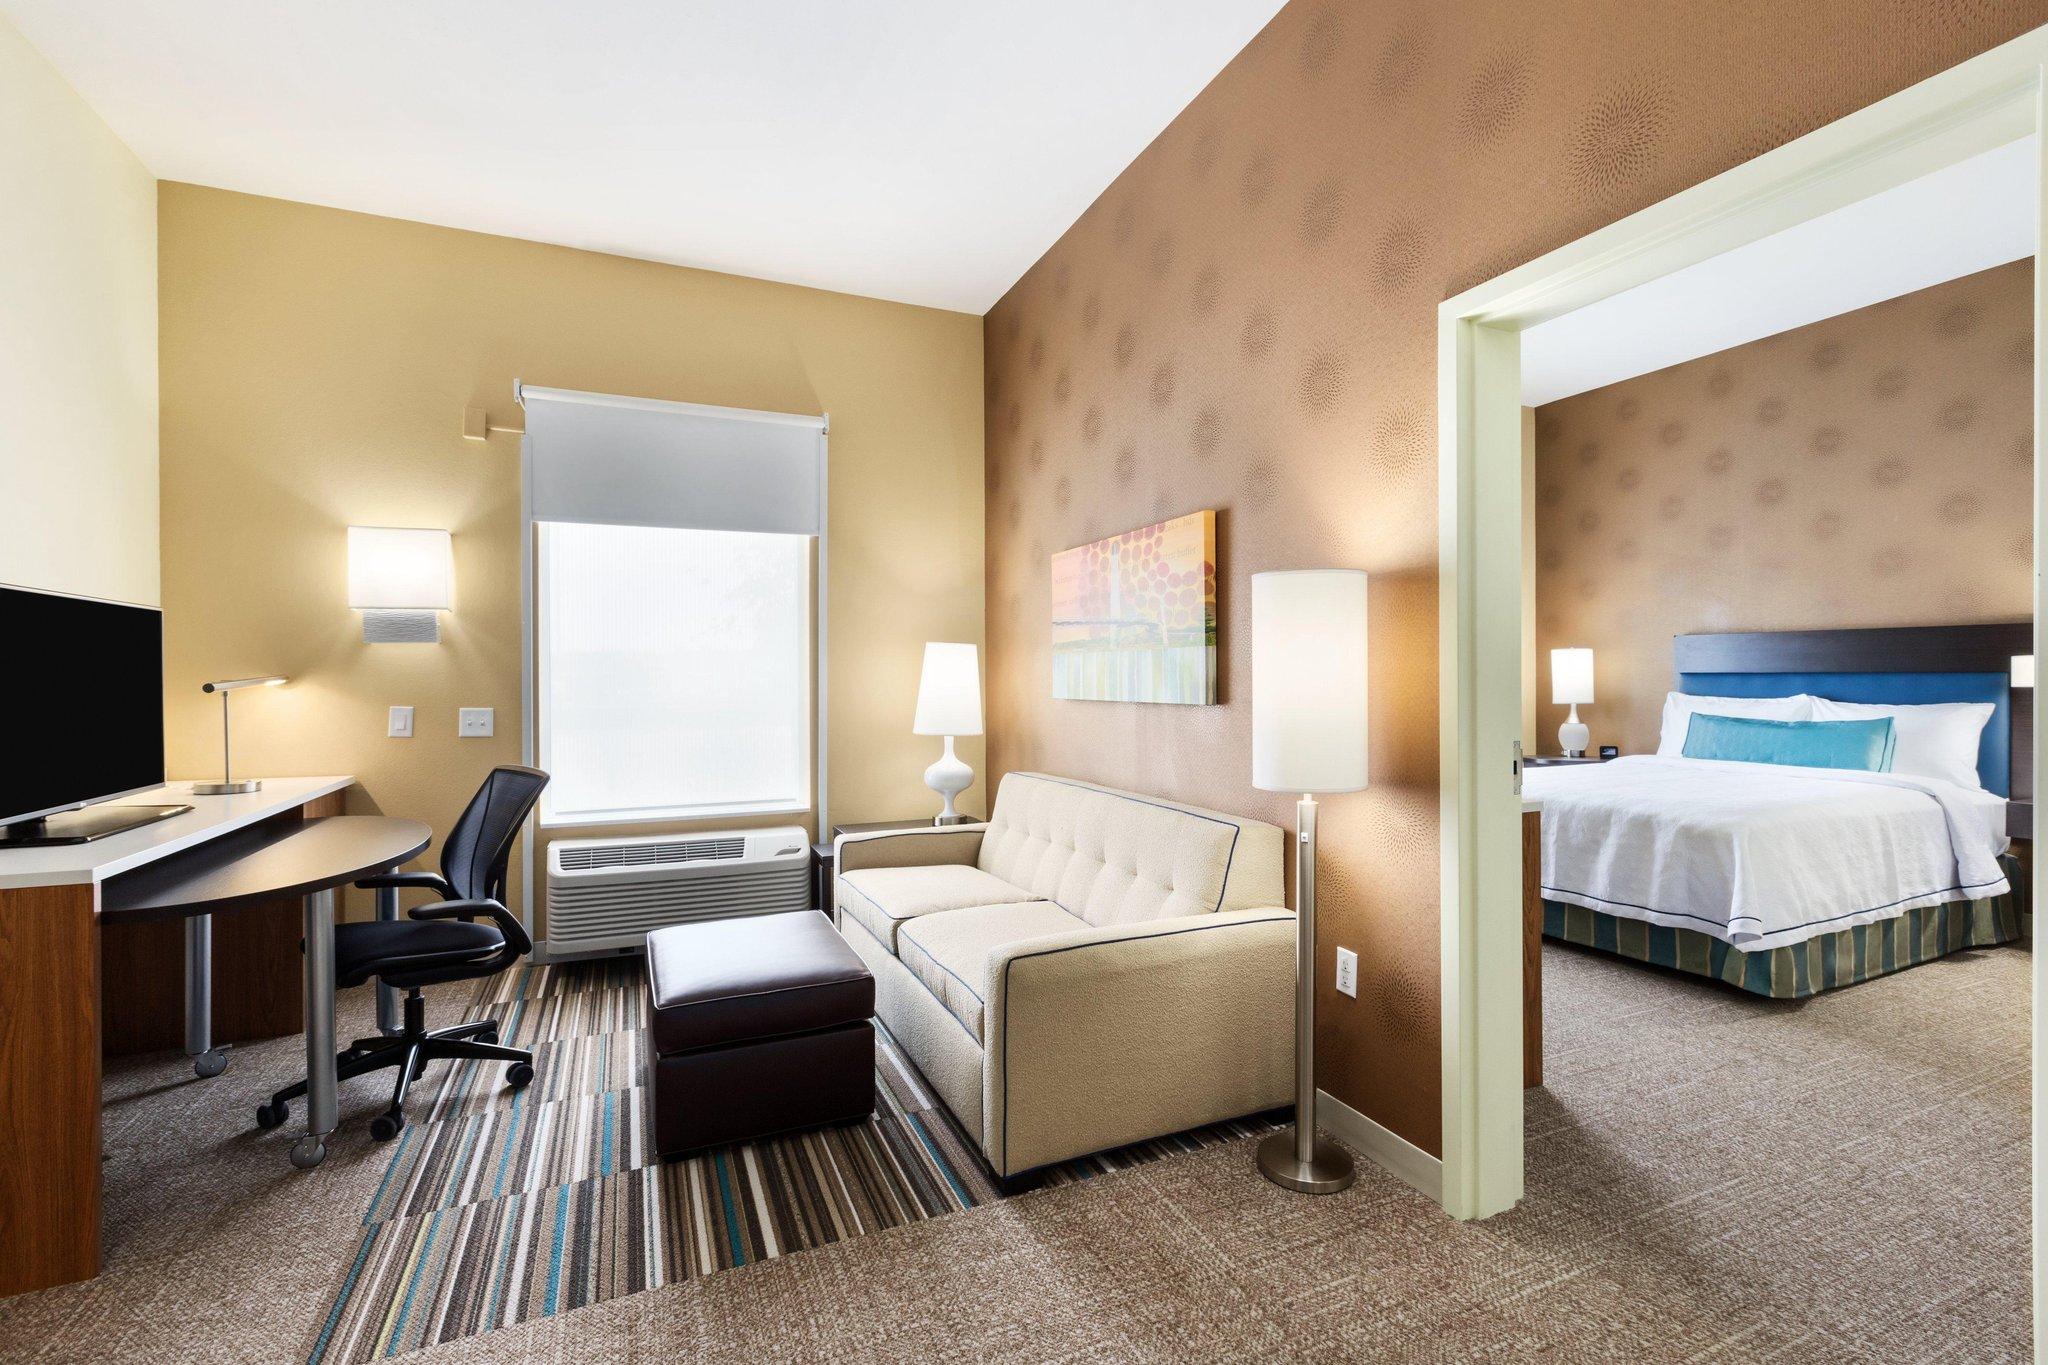 cazare la Home2 Suites By Hilton Omaha West Ne